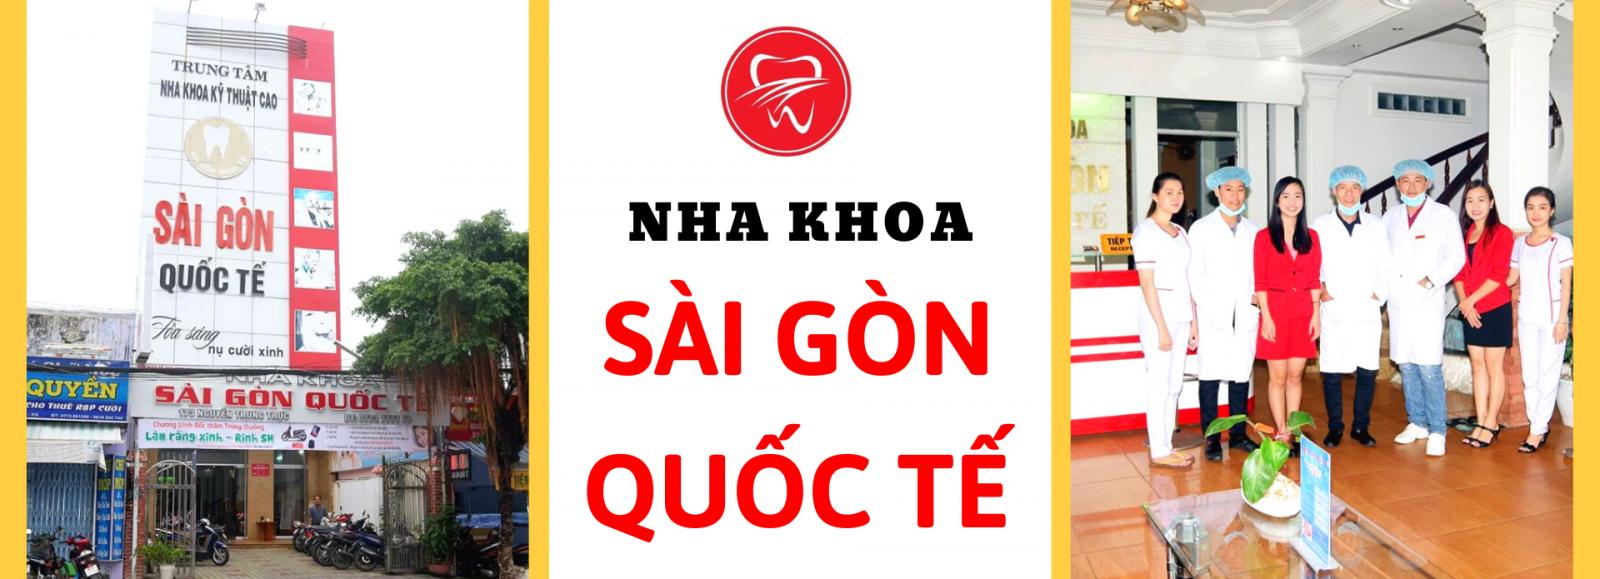 Nha Khoa Sài Gòn Quốc tế Cơ sở 2